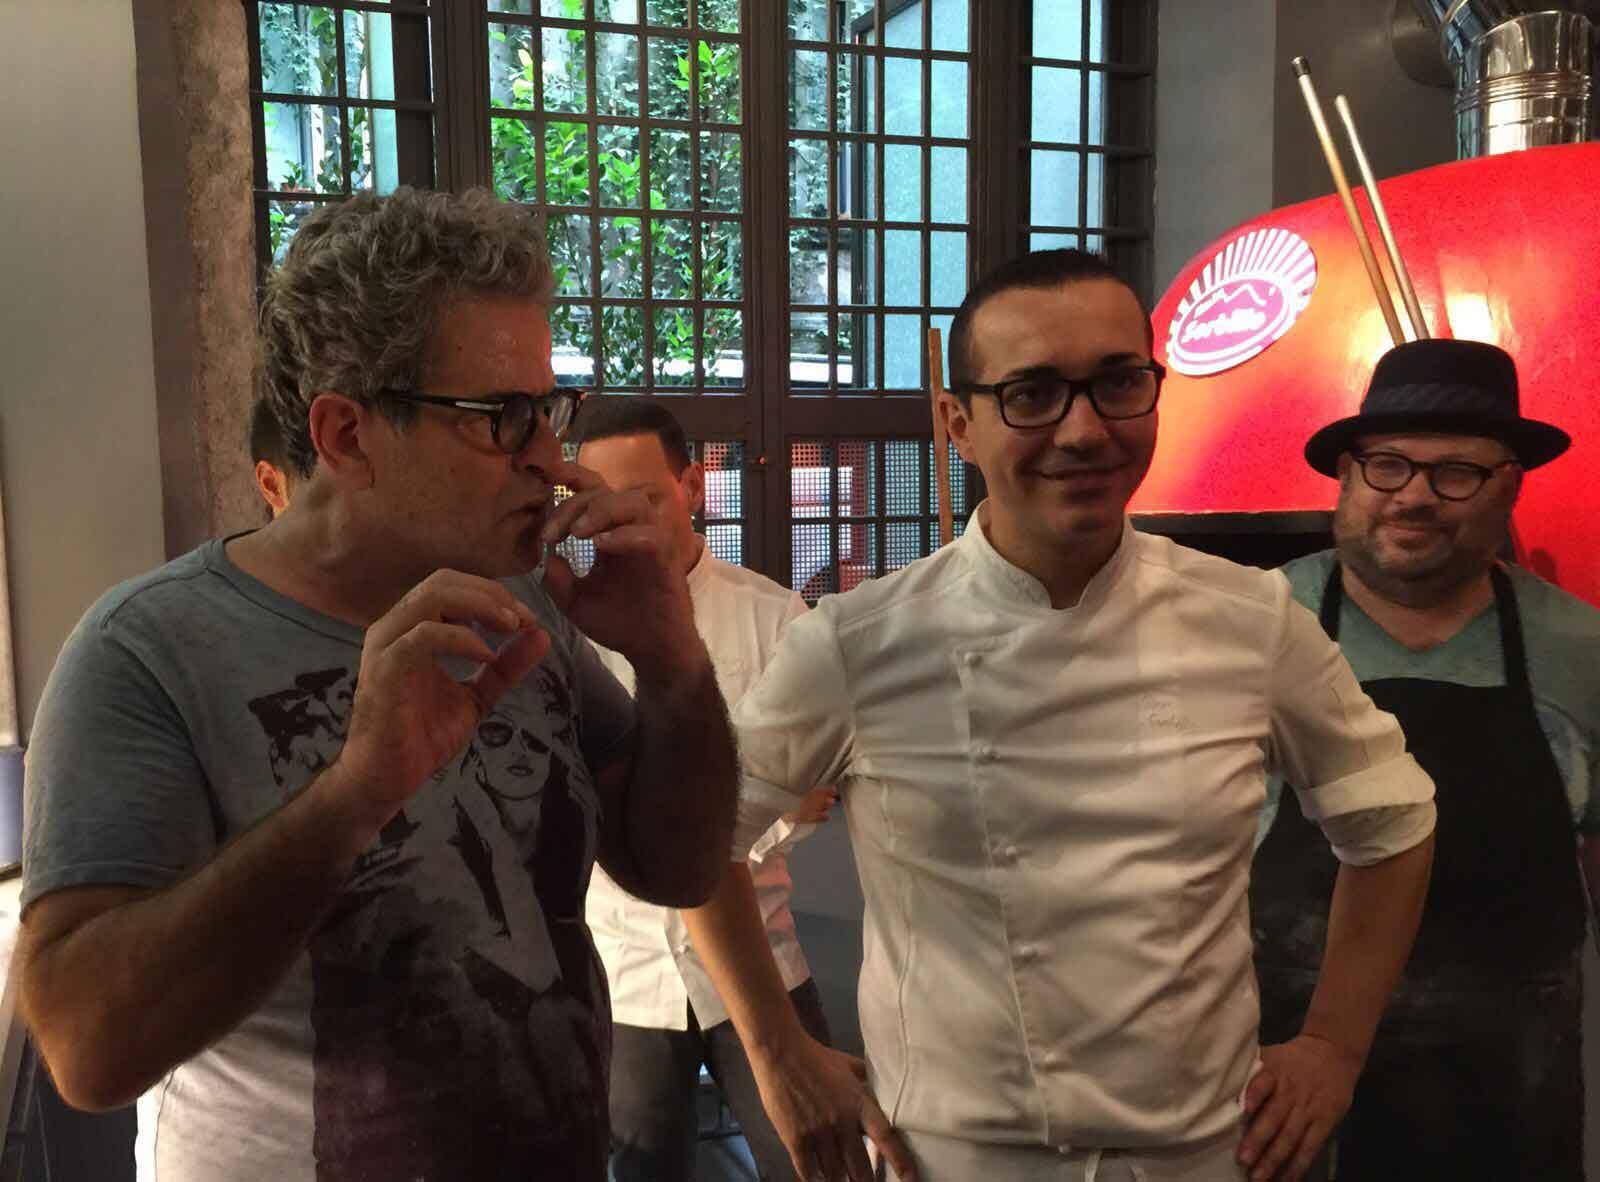 pizza Gino Sorbillo Masterchef israele 4